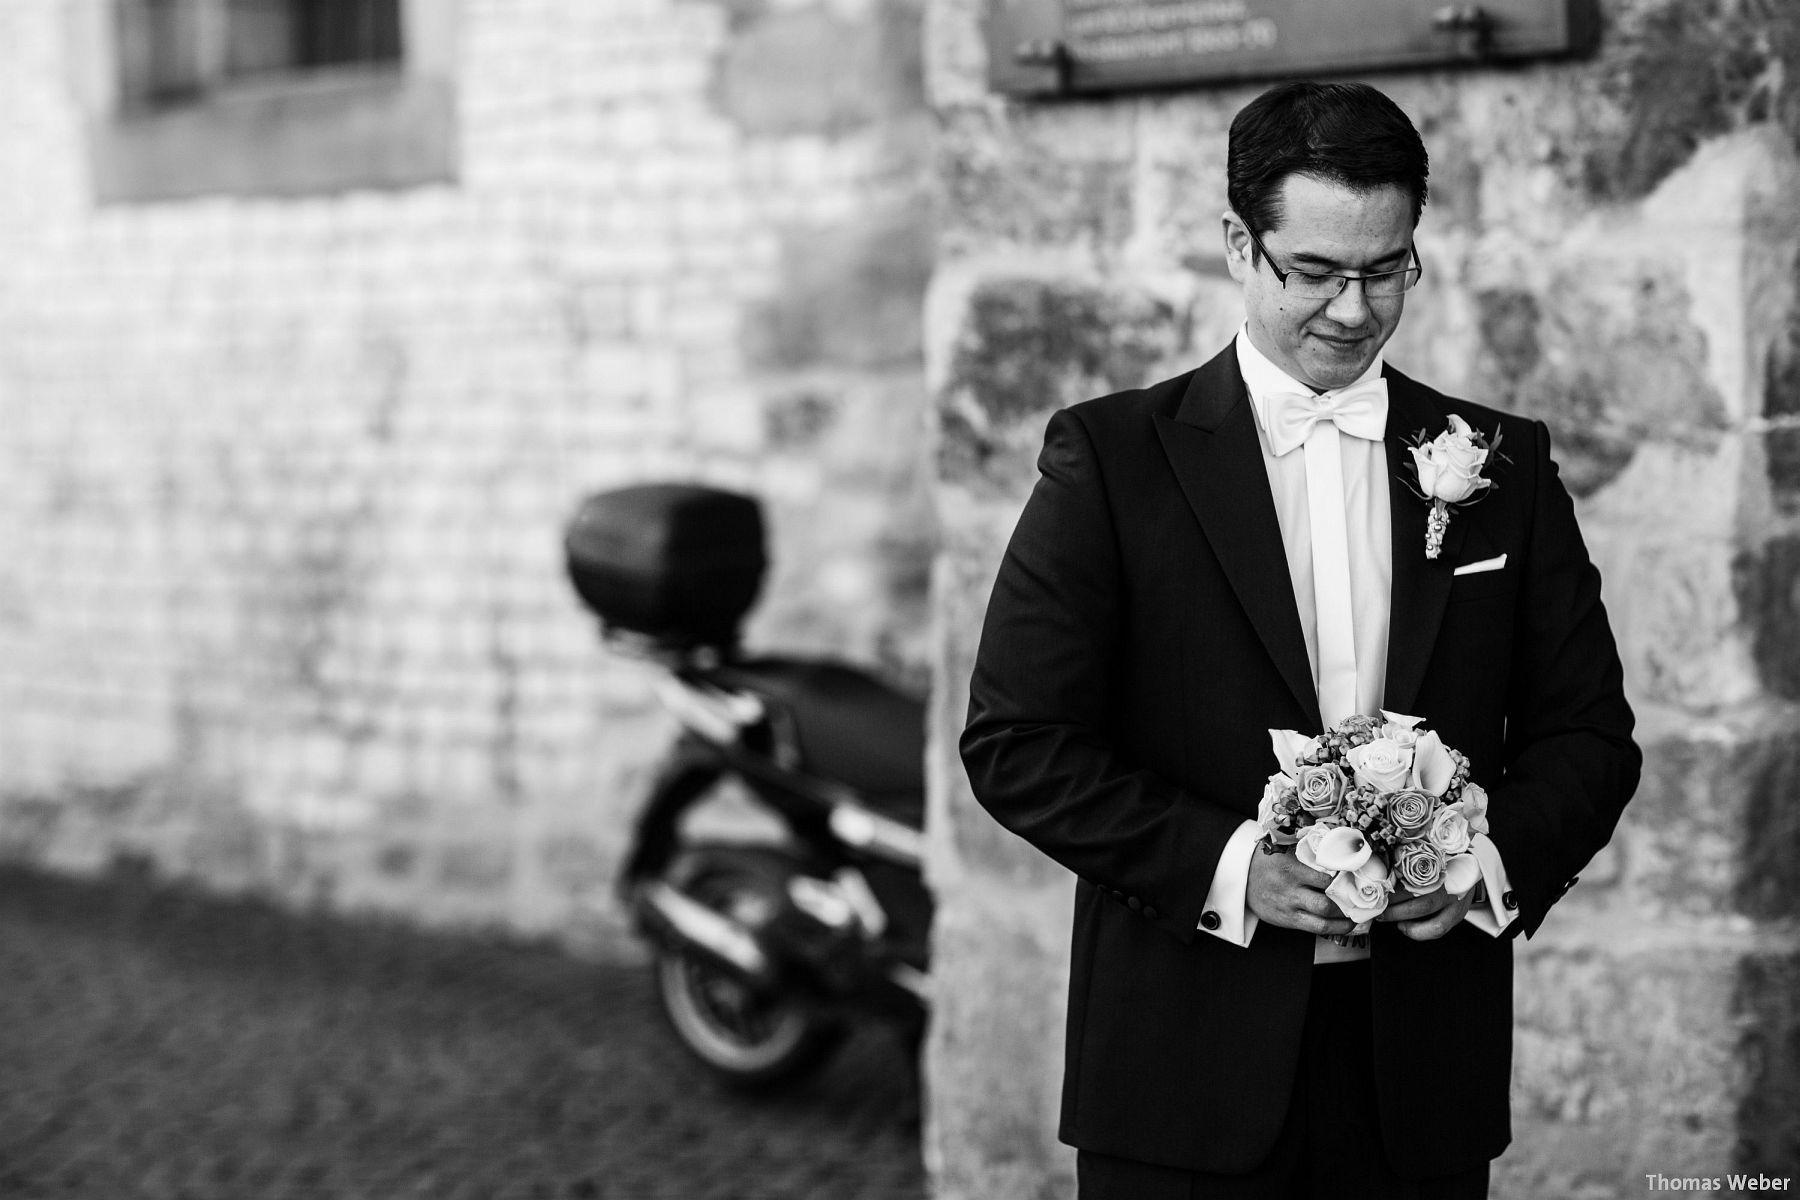 Hochzeitsfotograf Goslar: Standesamtliche Trauung in der Kaiserpfalz in Goslar (Harz) (14)